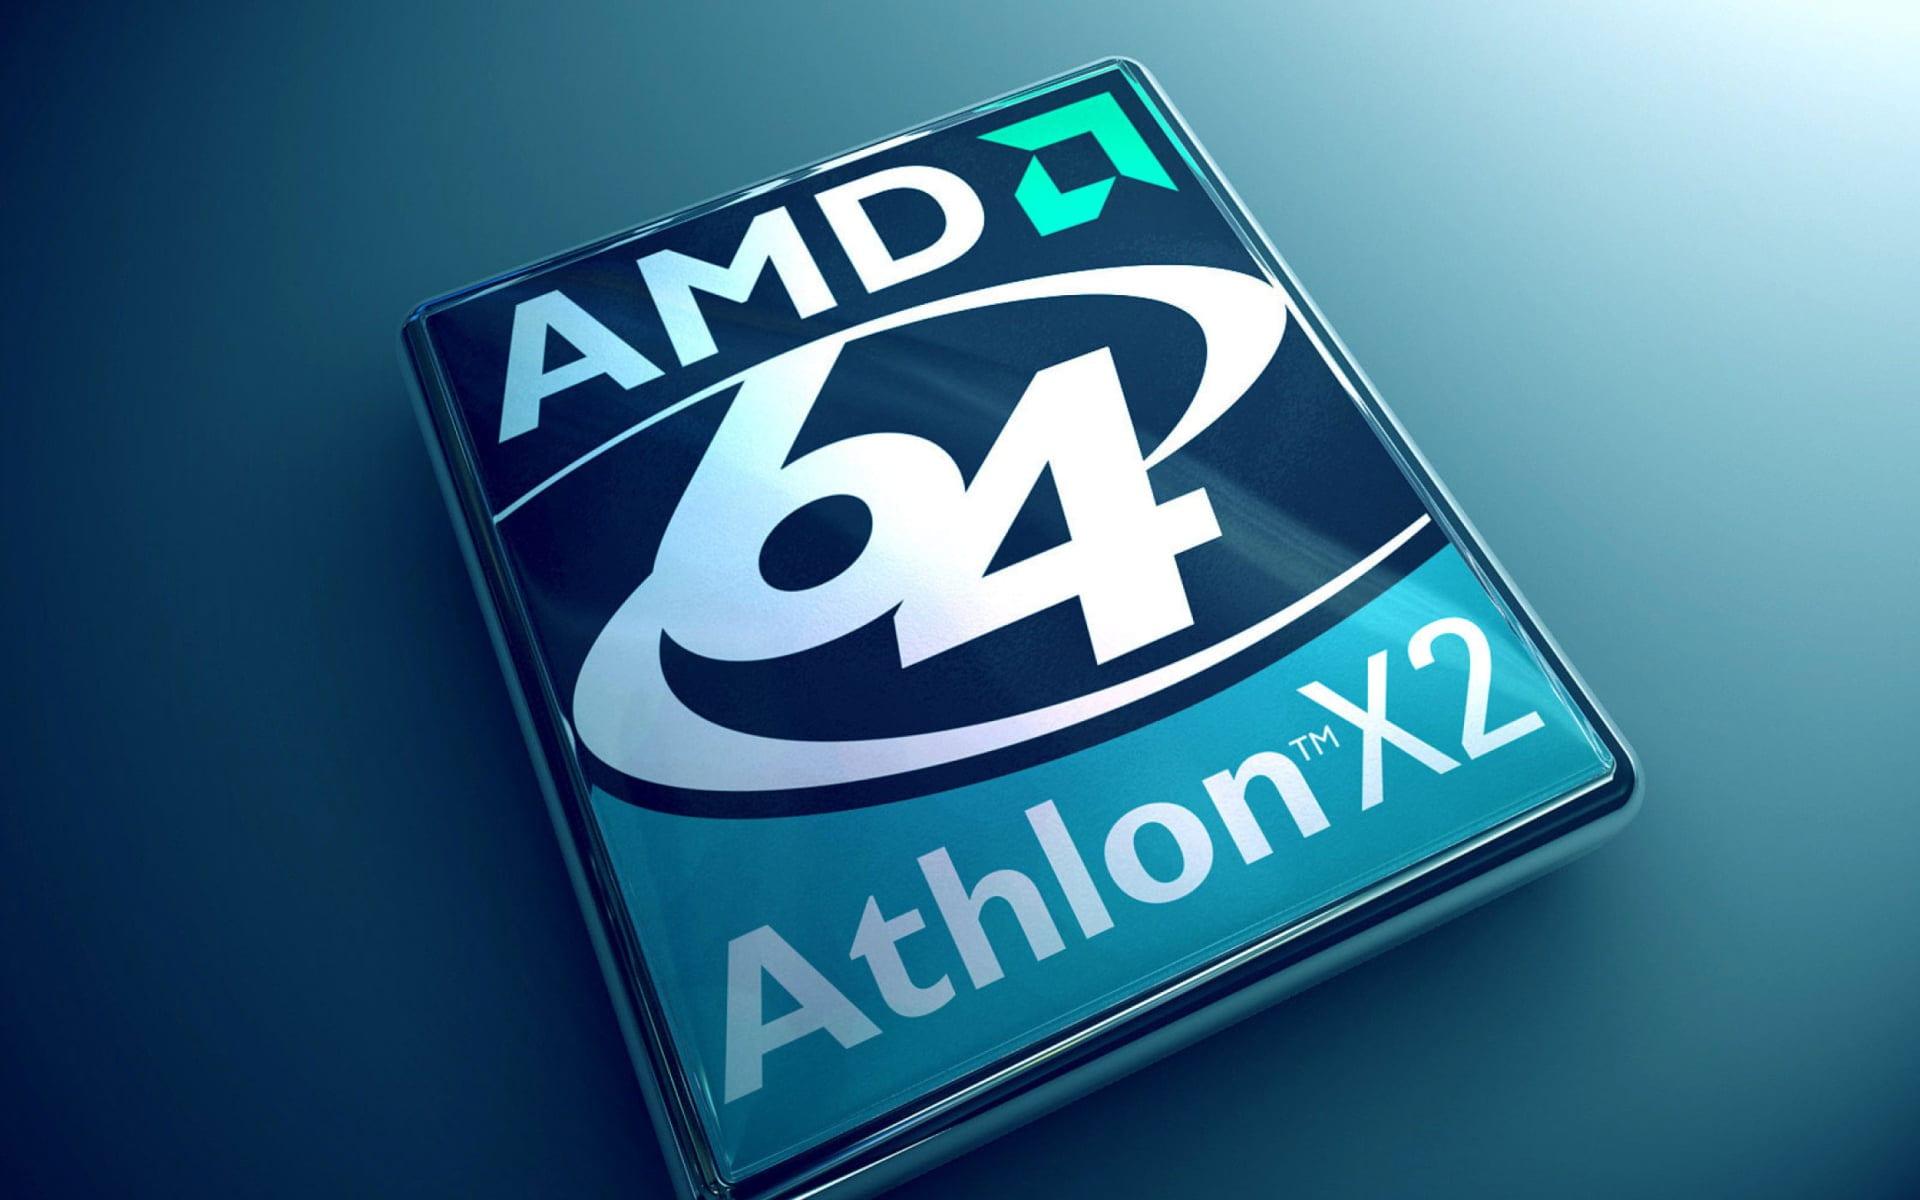 Разгон процессора AMD Athlon 64 X2 4200+